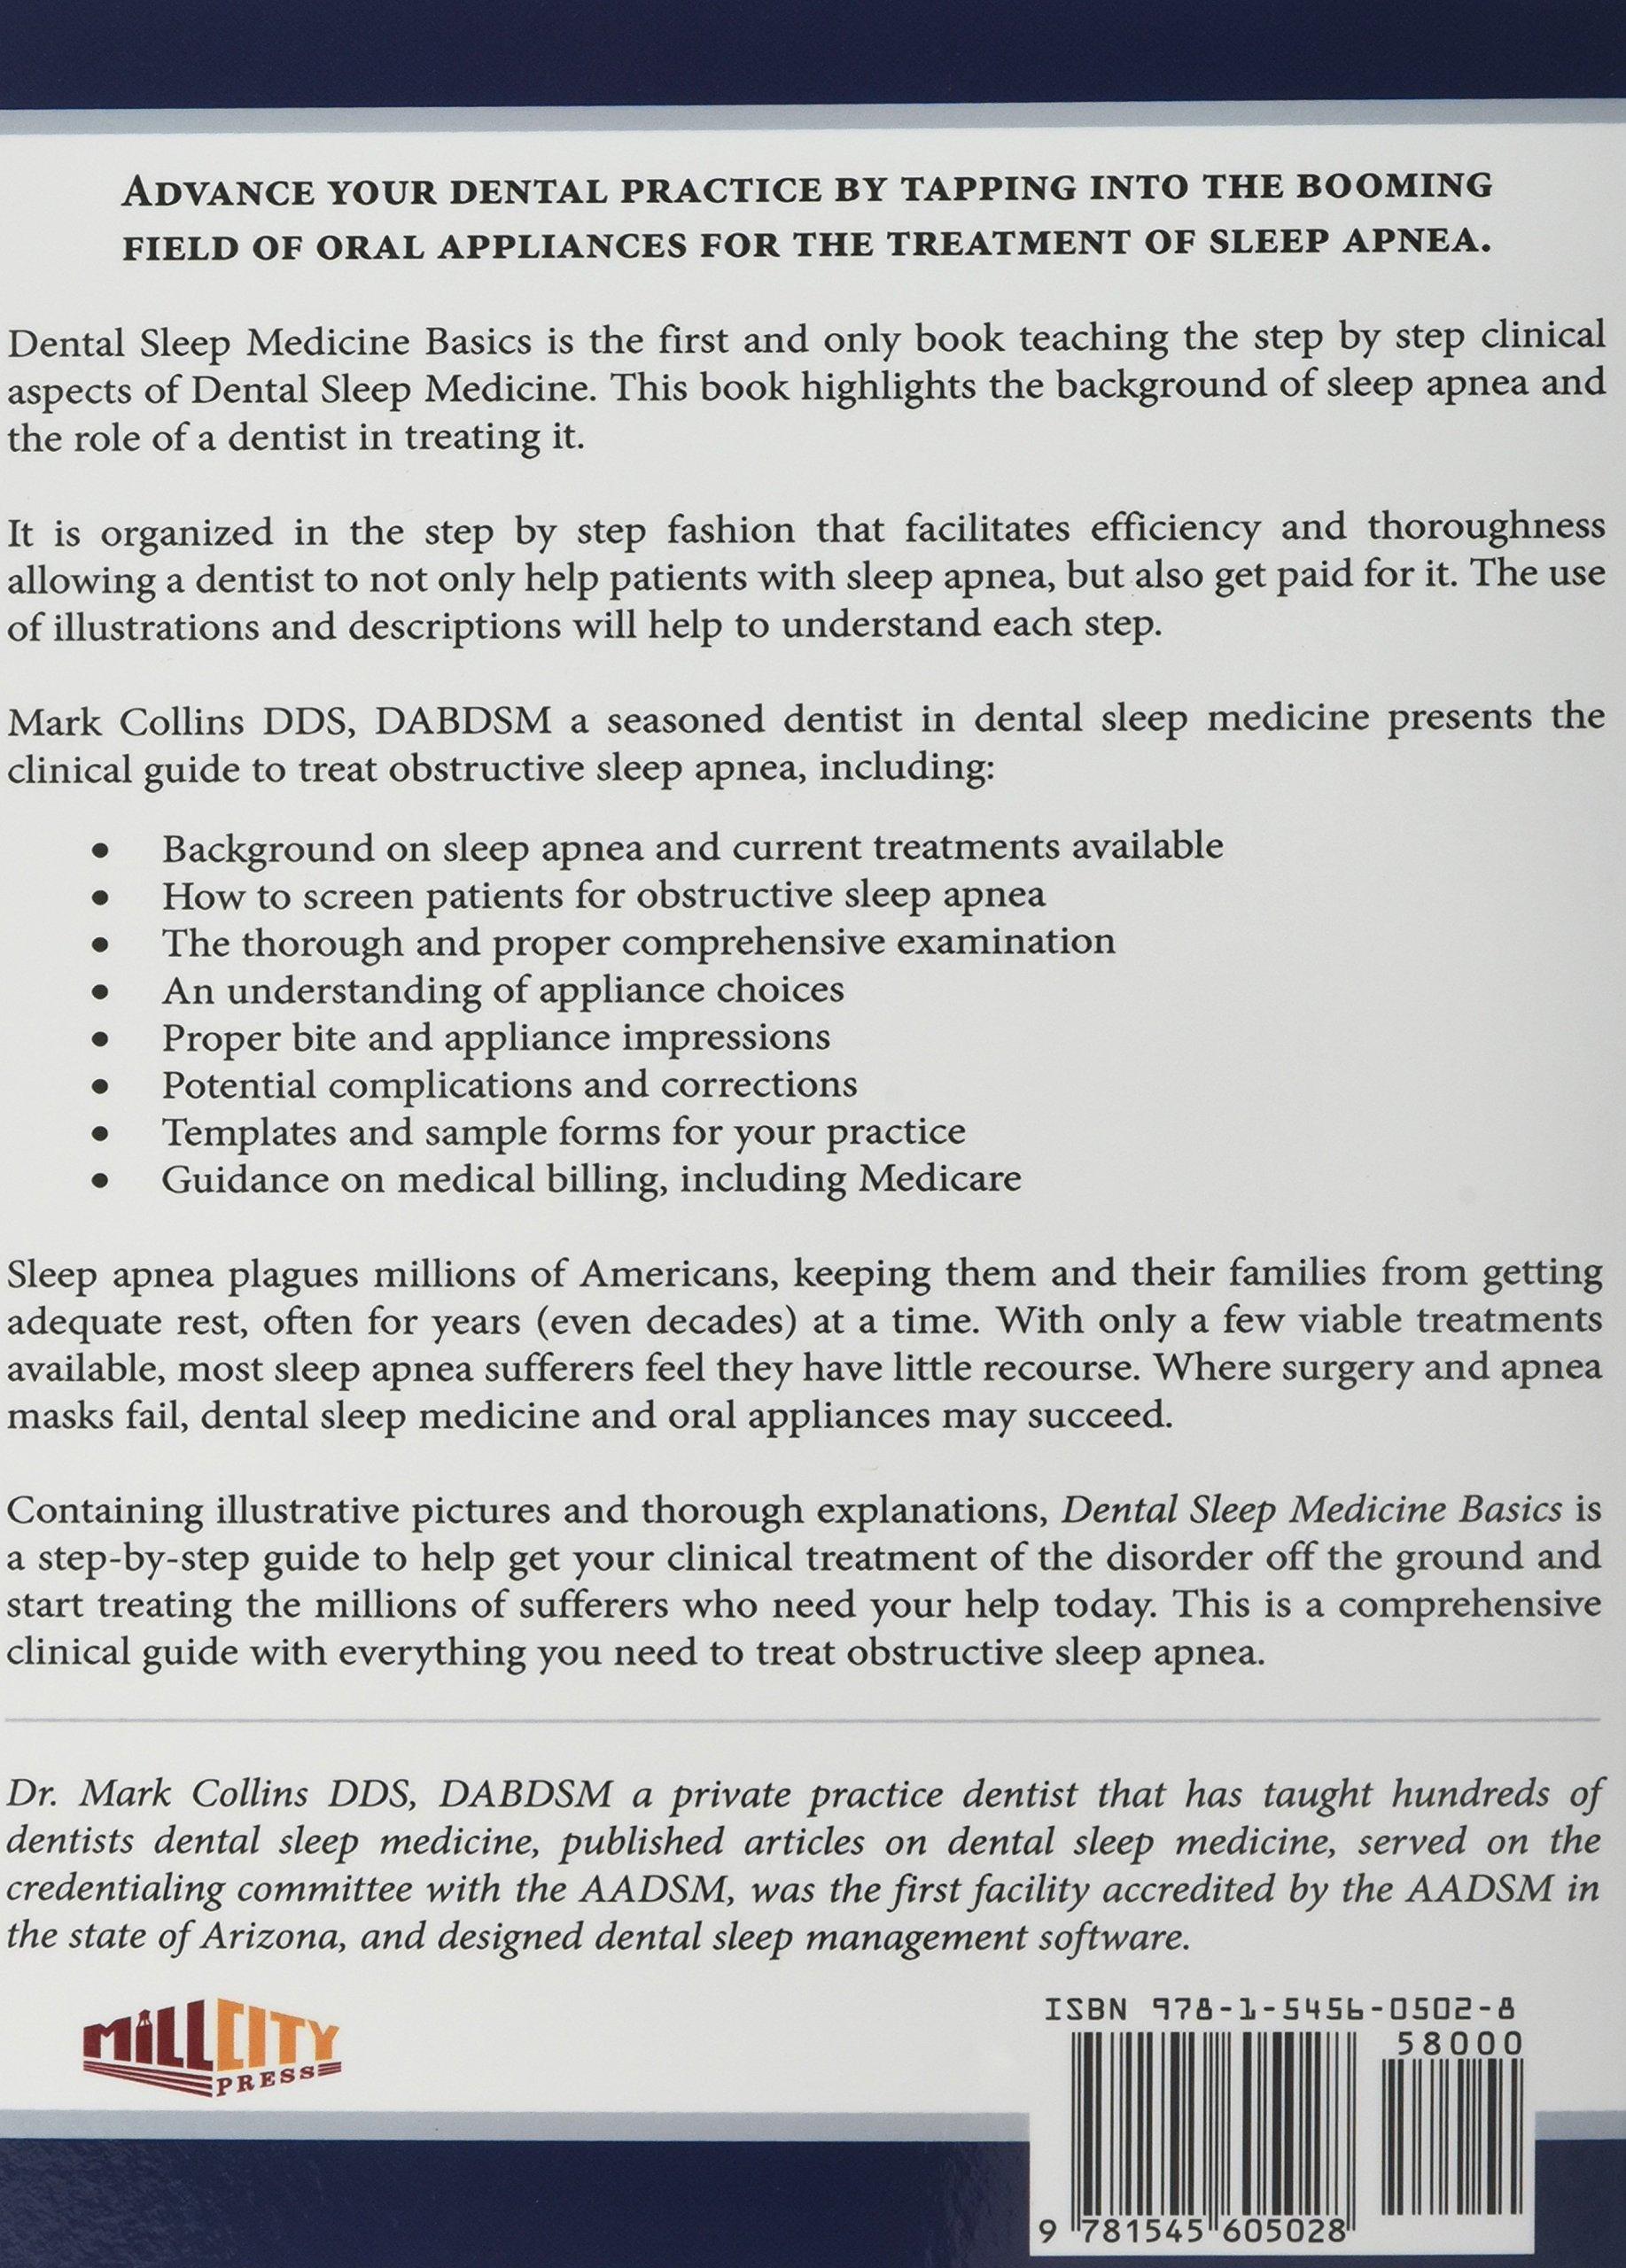 Dental Sleep Medicine Basics: The Clinical Guide to Treating Obstructive  Sleep Apnea: Dds Mark Collins: 9781545605028: Amazon.com: Books